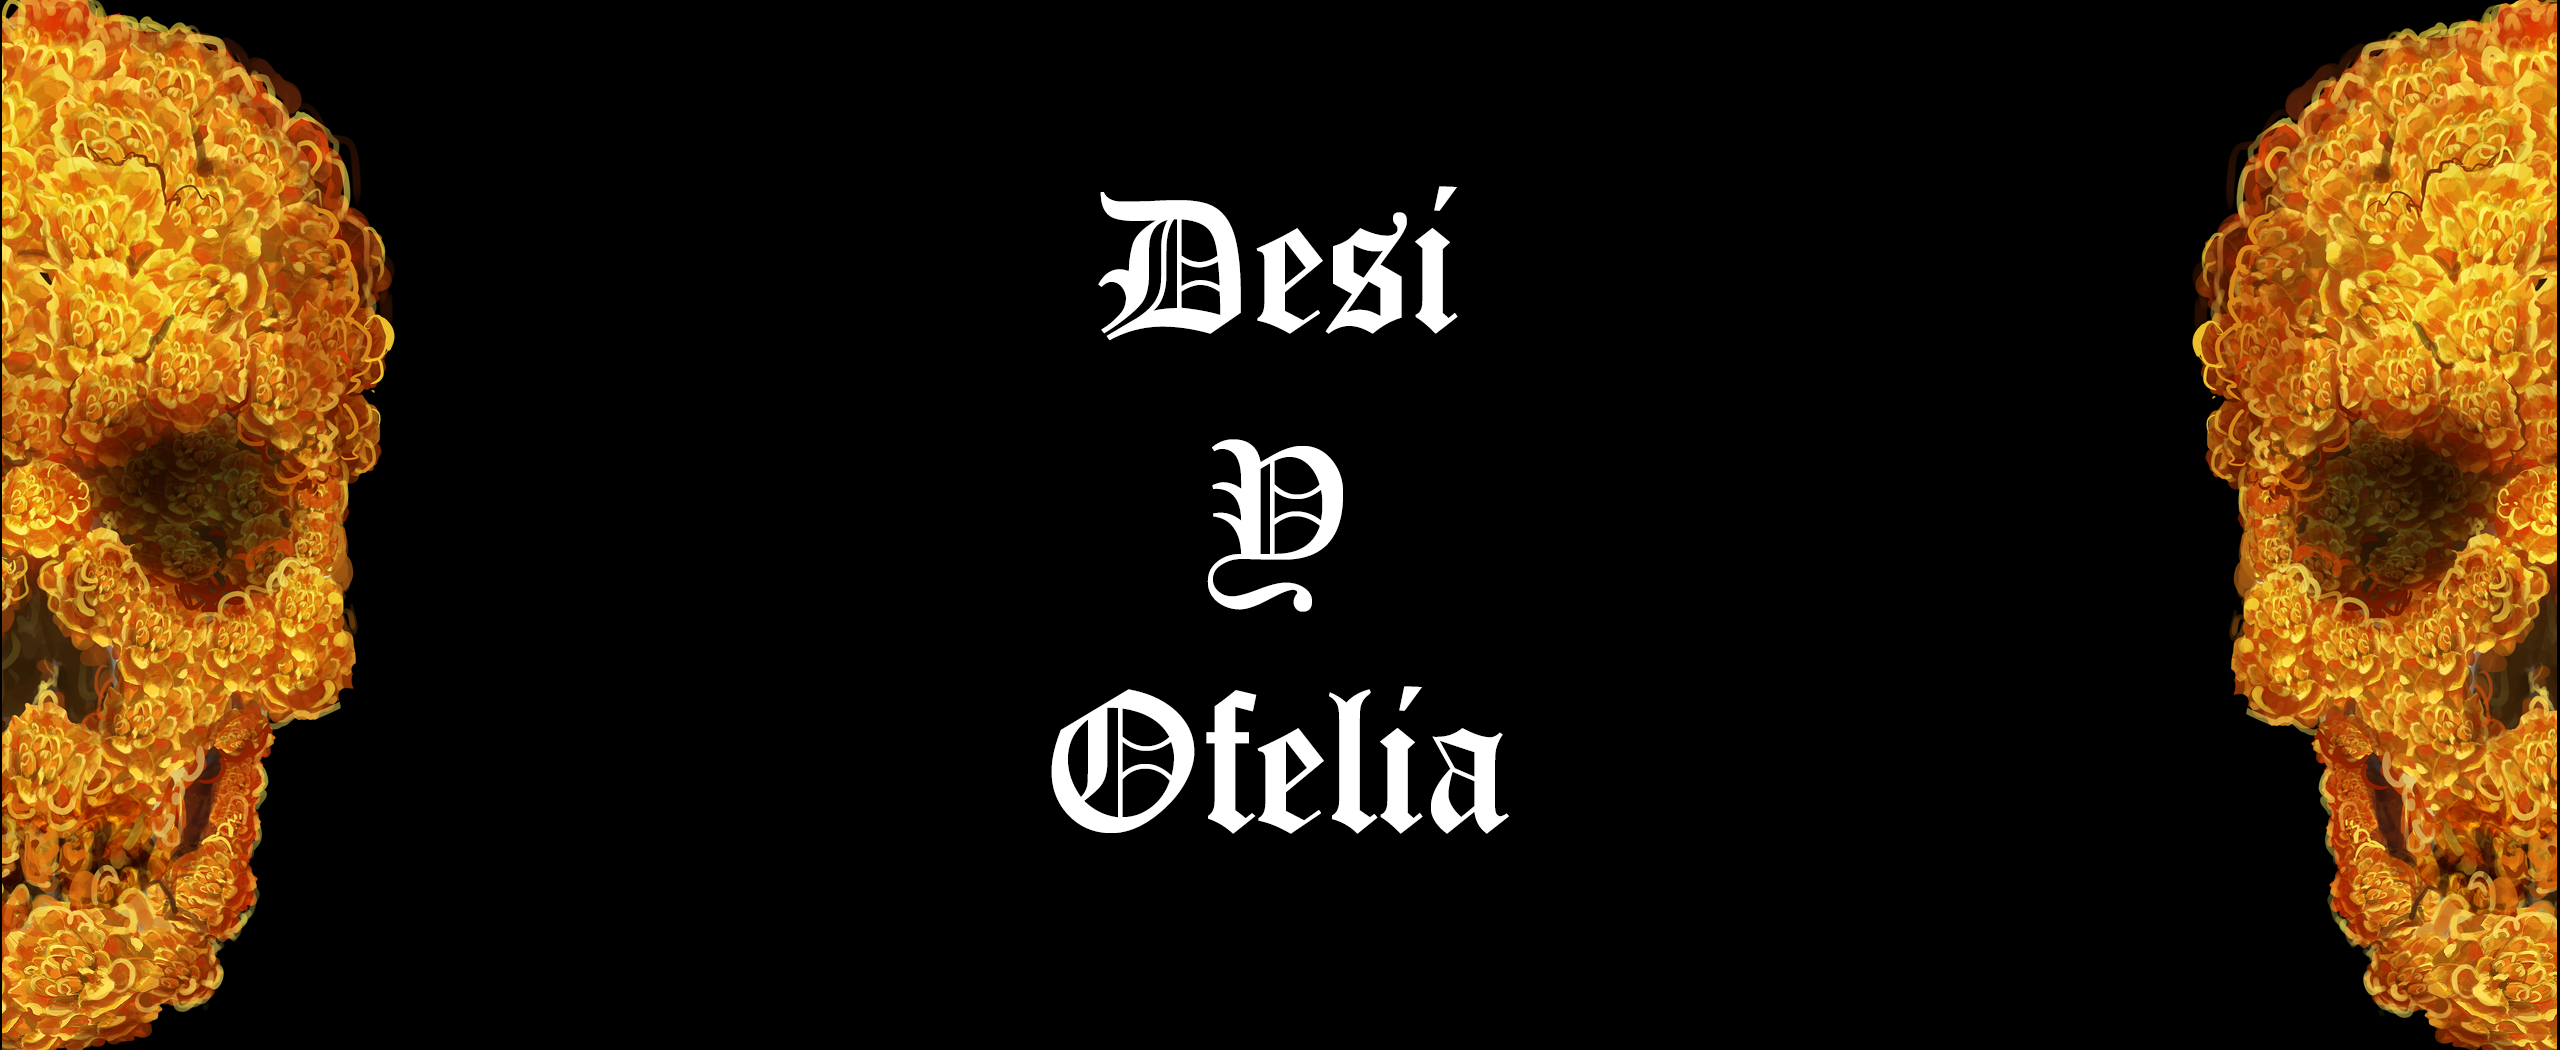 Desi Y Ofelia